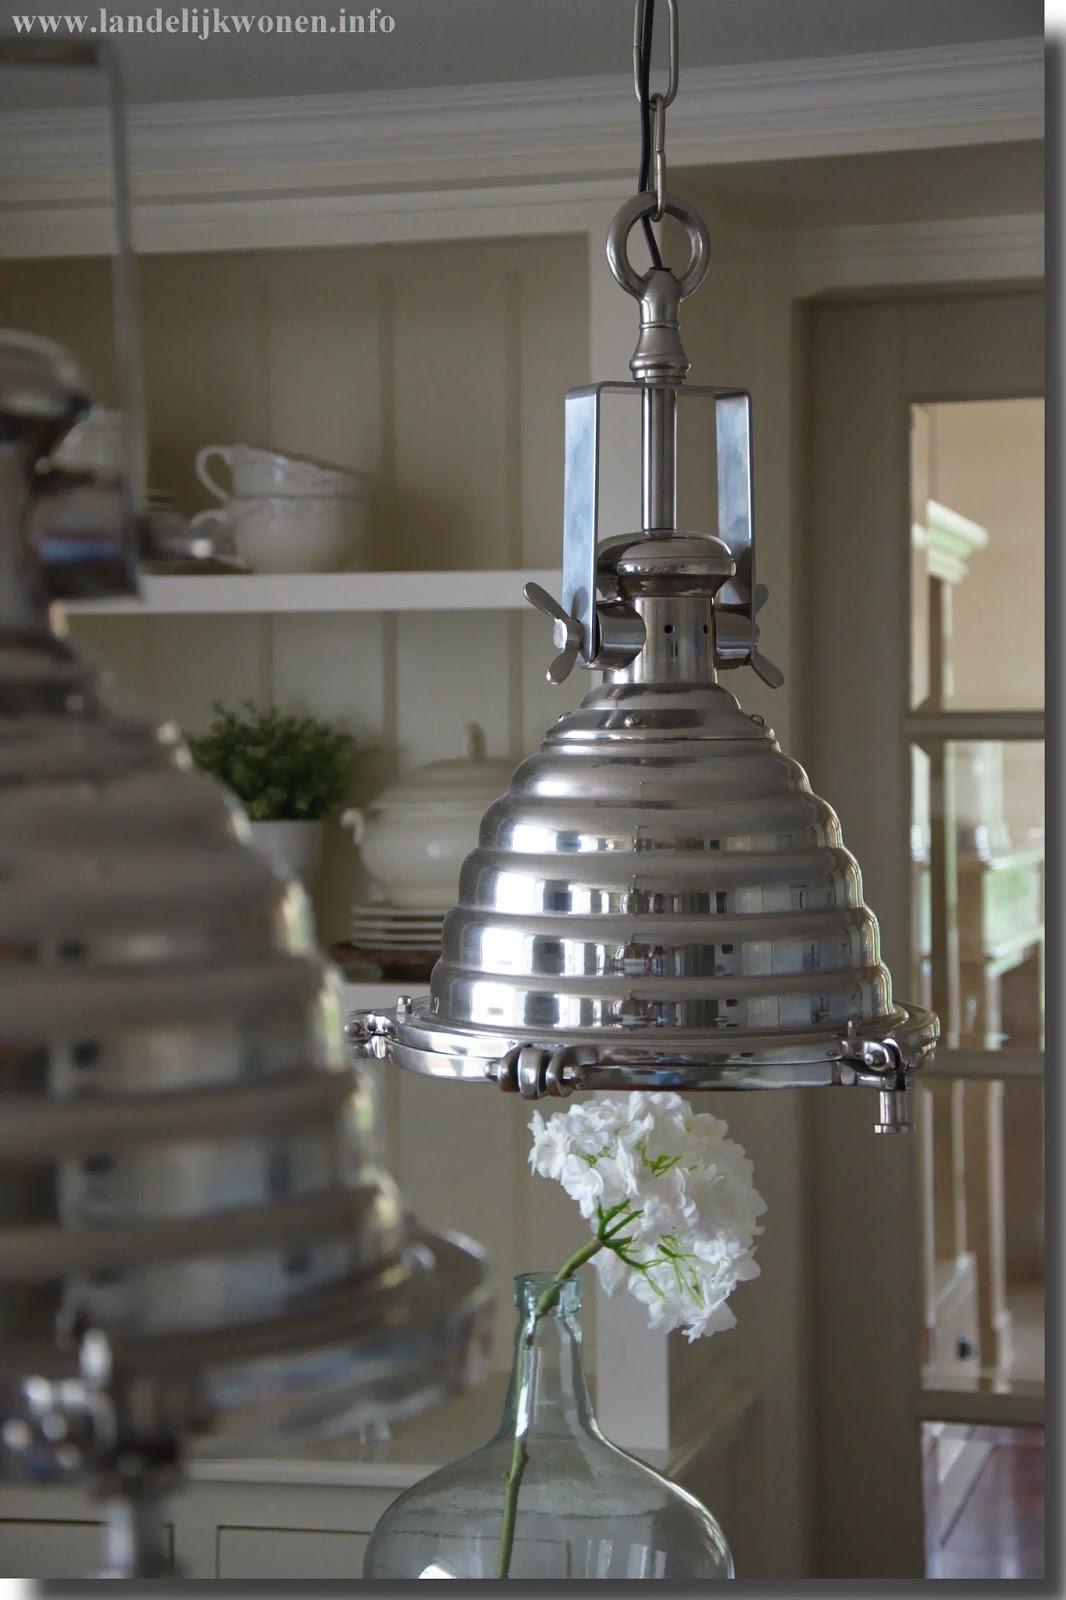 Hanglampen landelijke stijl great landelijke milicia for Landelijke lampen